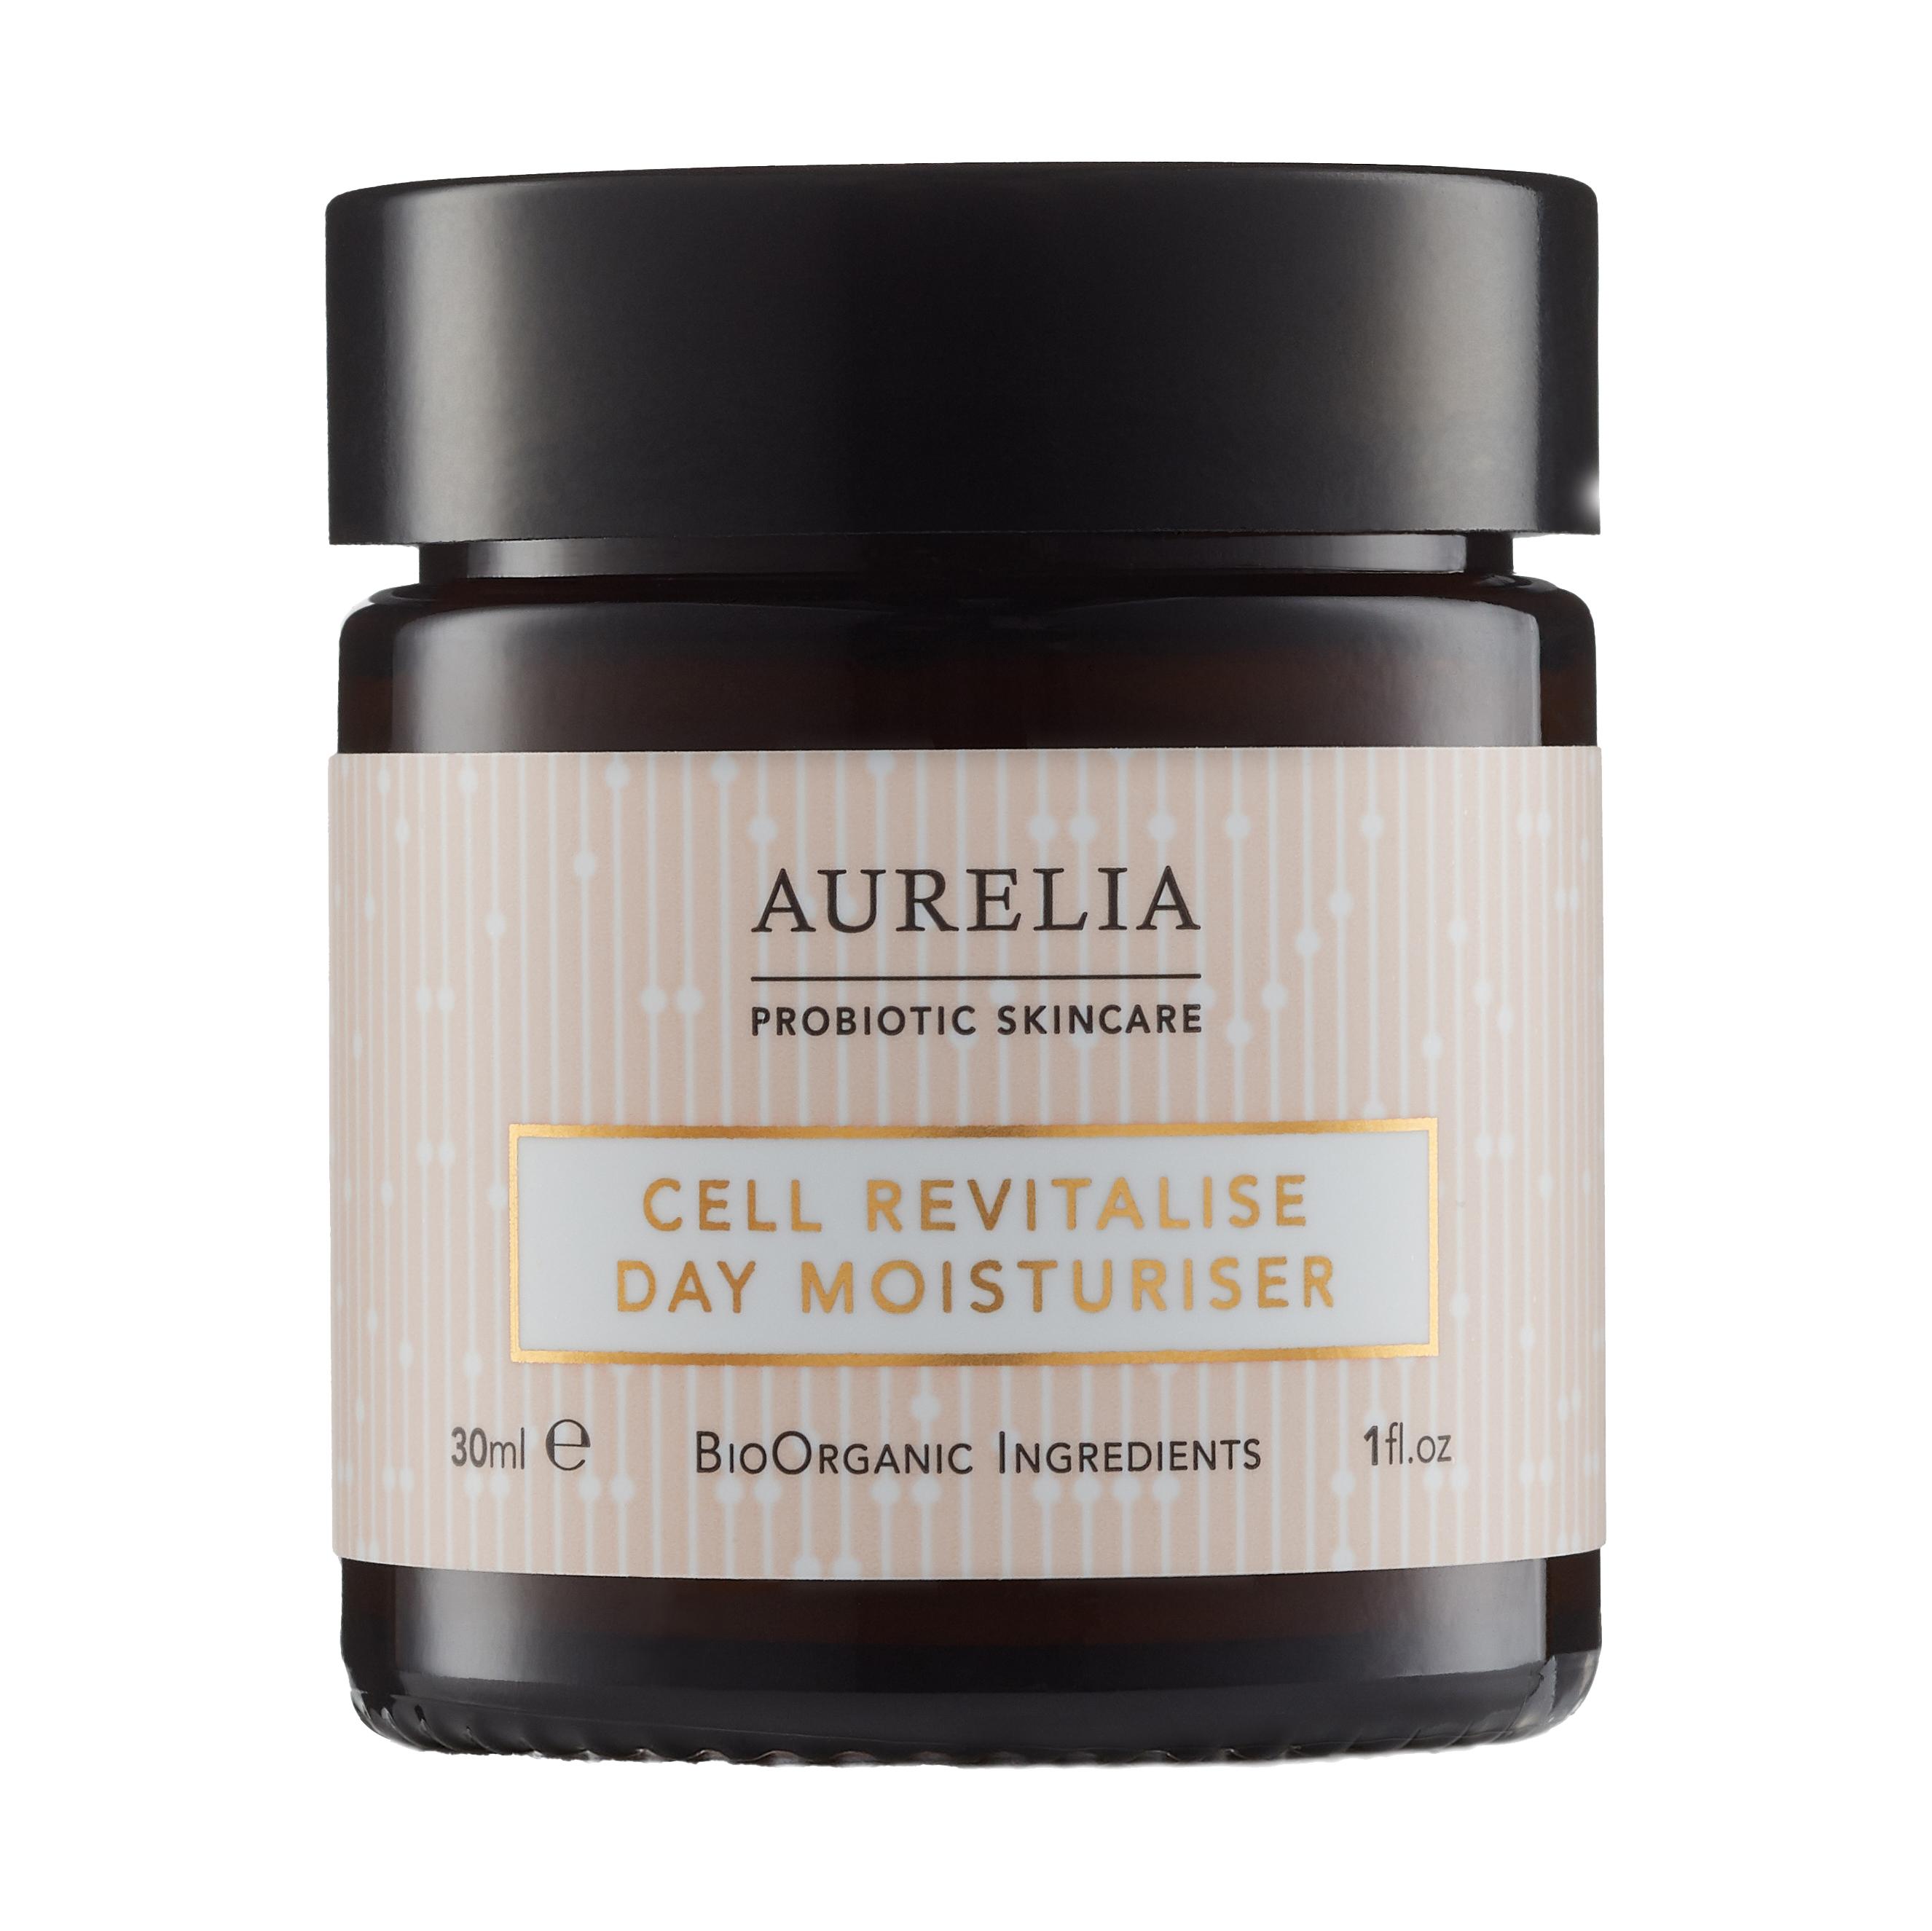 Aurelia Cell Revitalise Day Moisturiser, 30 ml